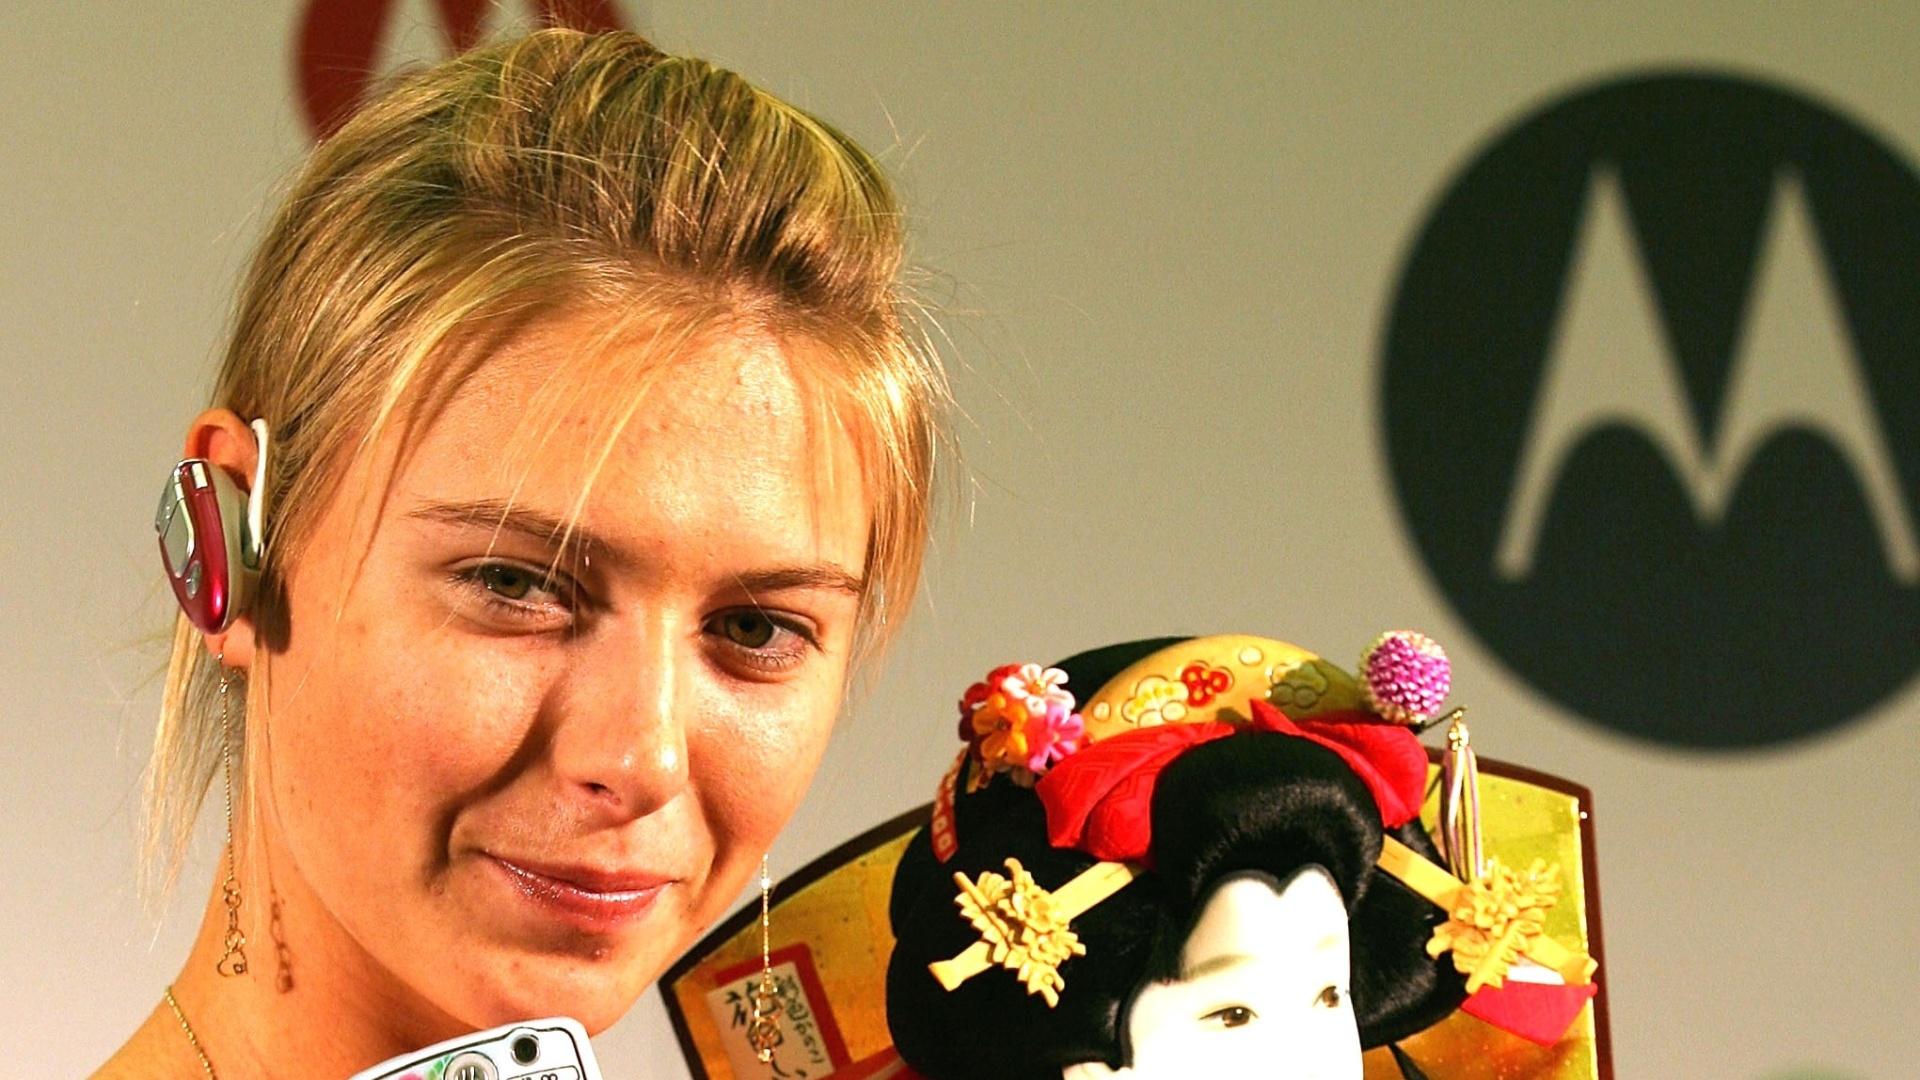 Em 2005, foi garota-propaganda da Motorola - na imagem, ela apresenta, no Japão, o modelo Pink M1000